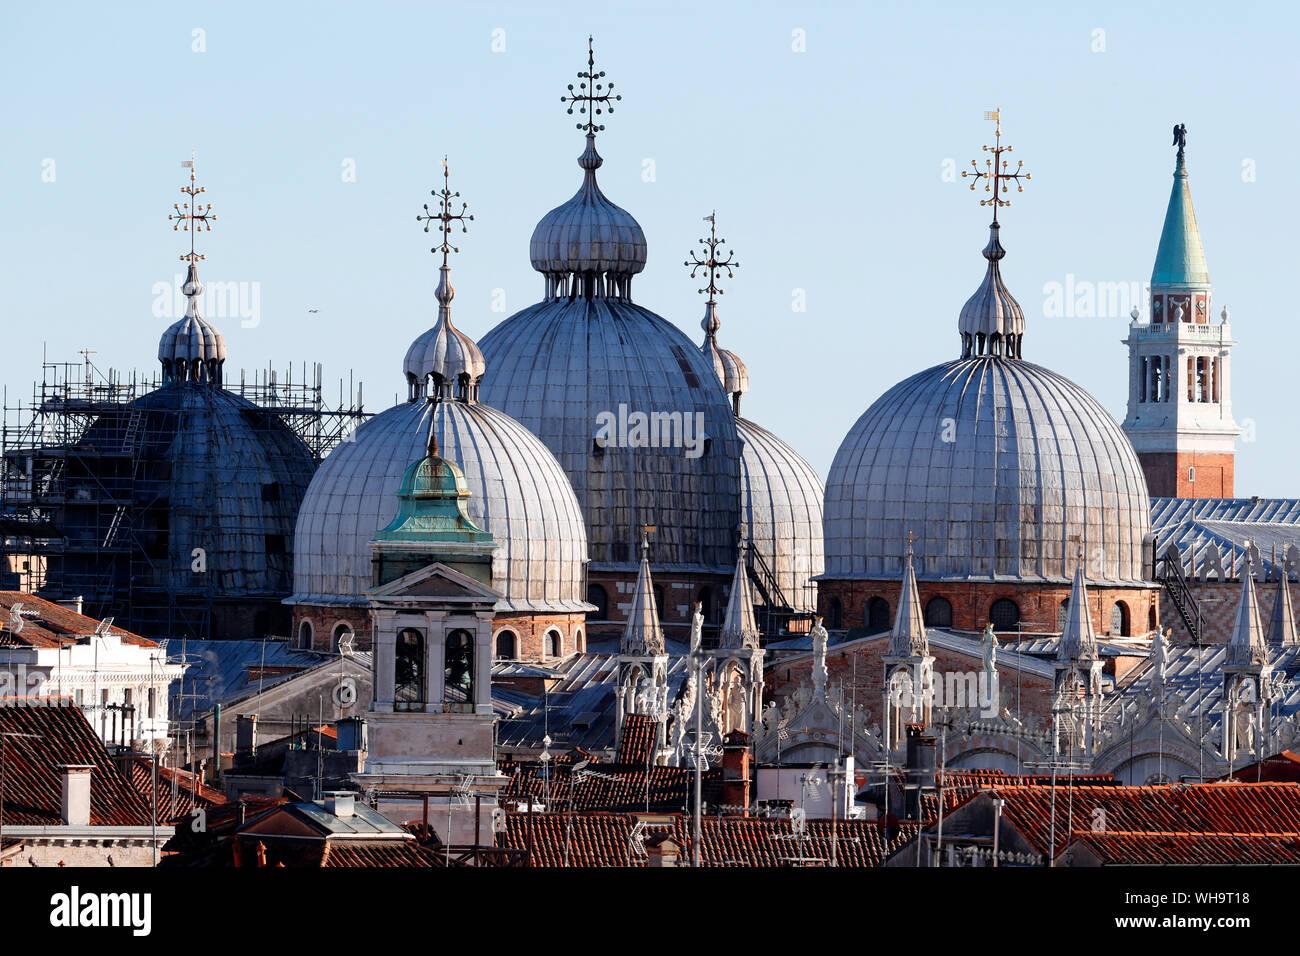 Tetto della Basilica di San Marco, un esempio di architettura bizantina costruita la prima volta nel IX secolo Venezia, Sito Patrimonio Mondiale dell'UNESCO, Veneto, Italia Foto Stock